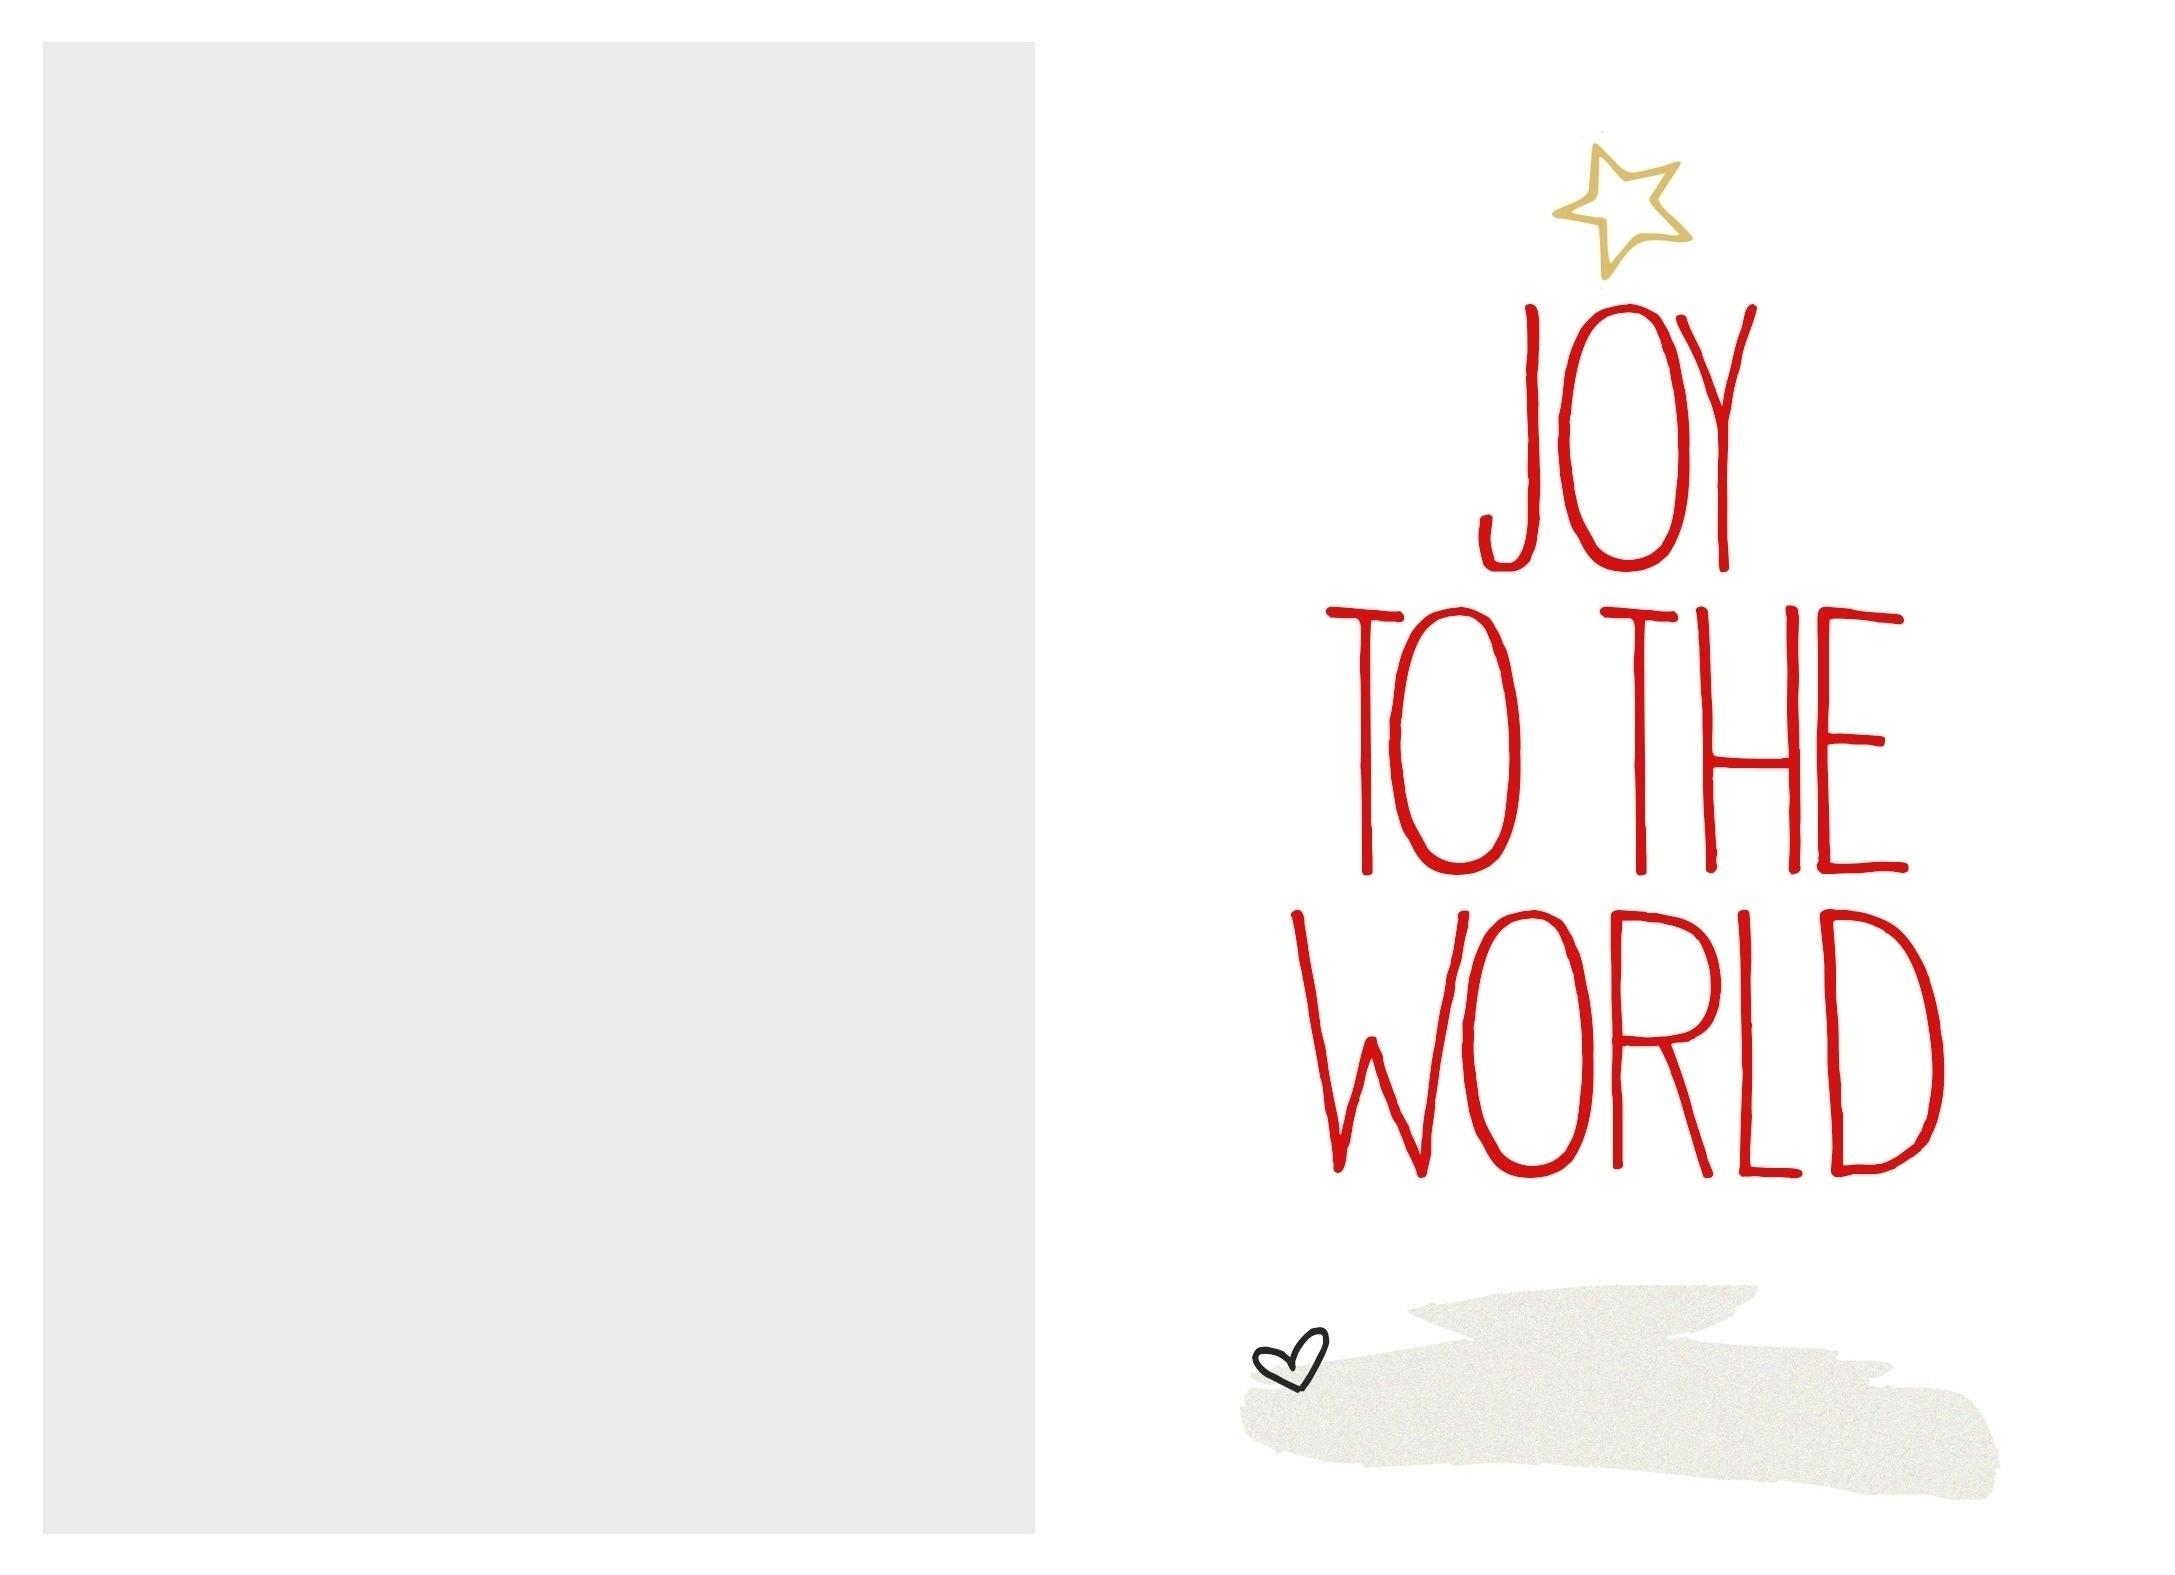 Christmas Card Templates Free Printable | Reactorread - Free Printable Christmas Card Templates